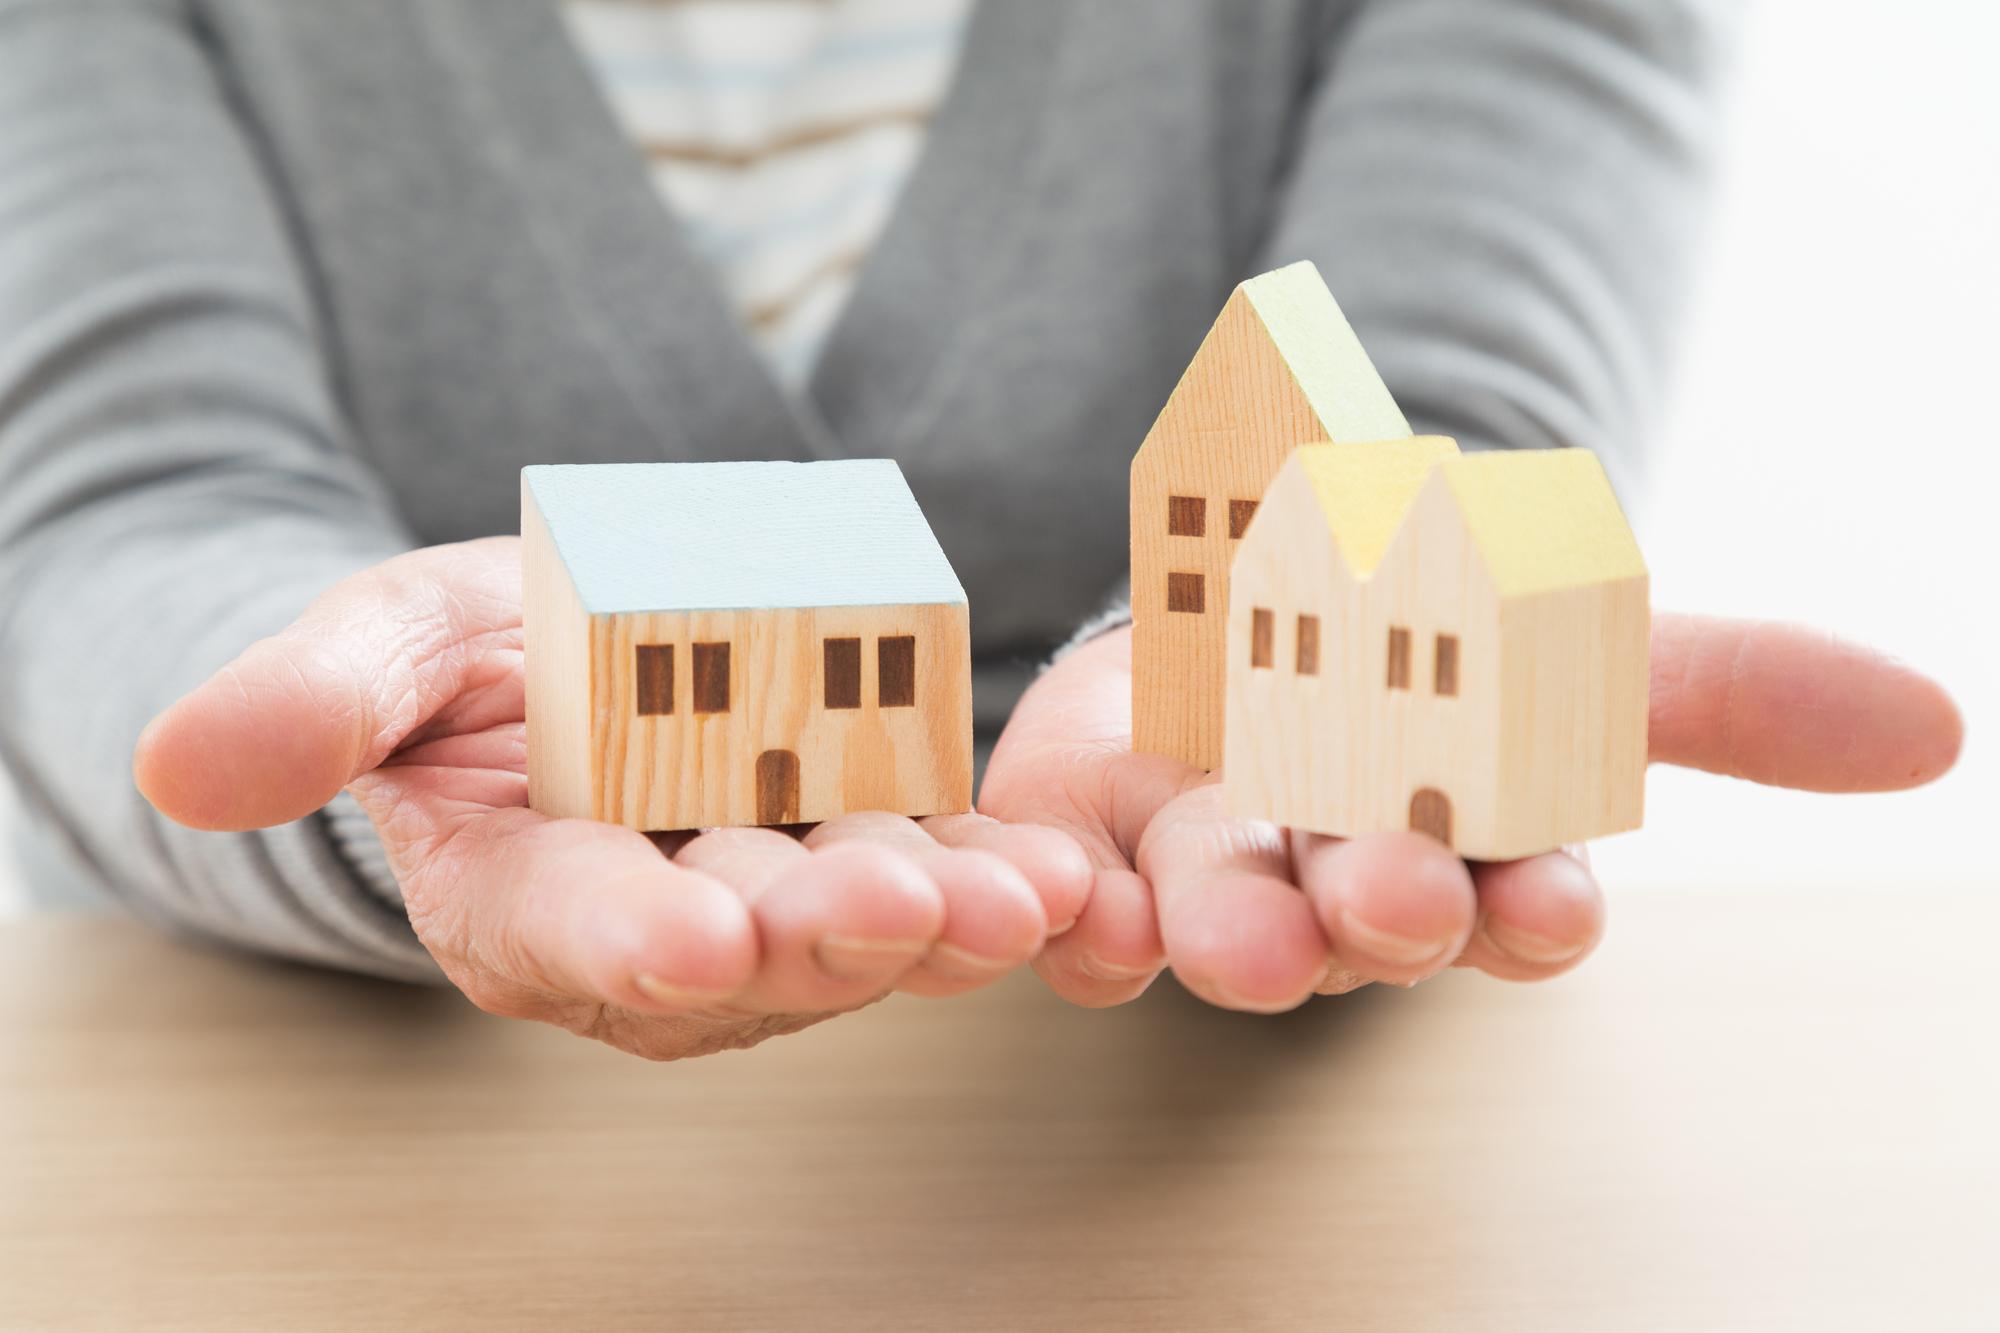 REITの投資対象は個人では取得が難しい商業施設やオフィスビルなどの不動産も含まれる